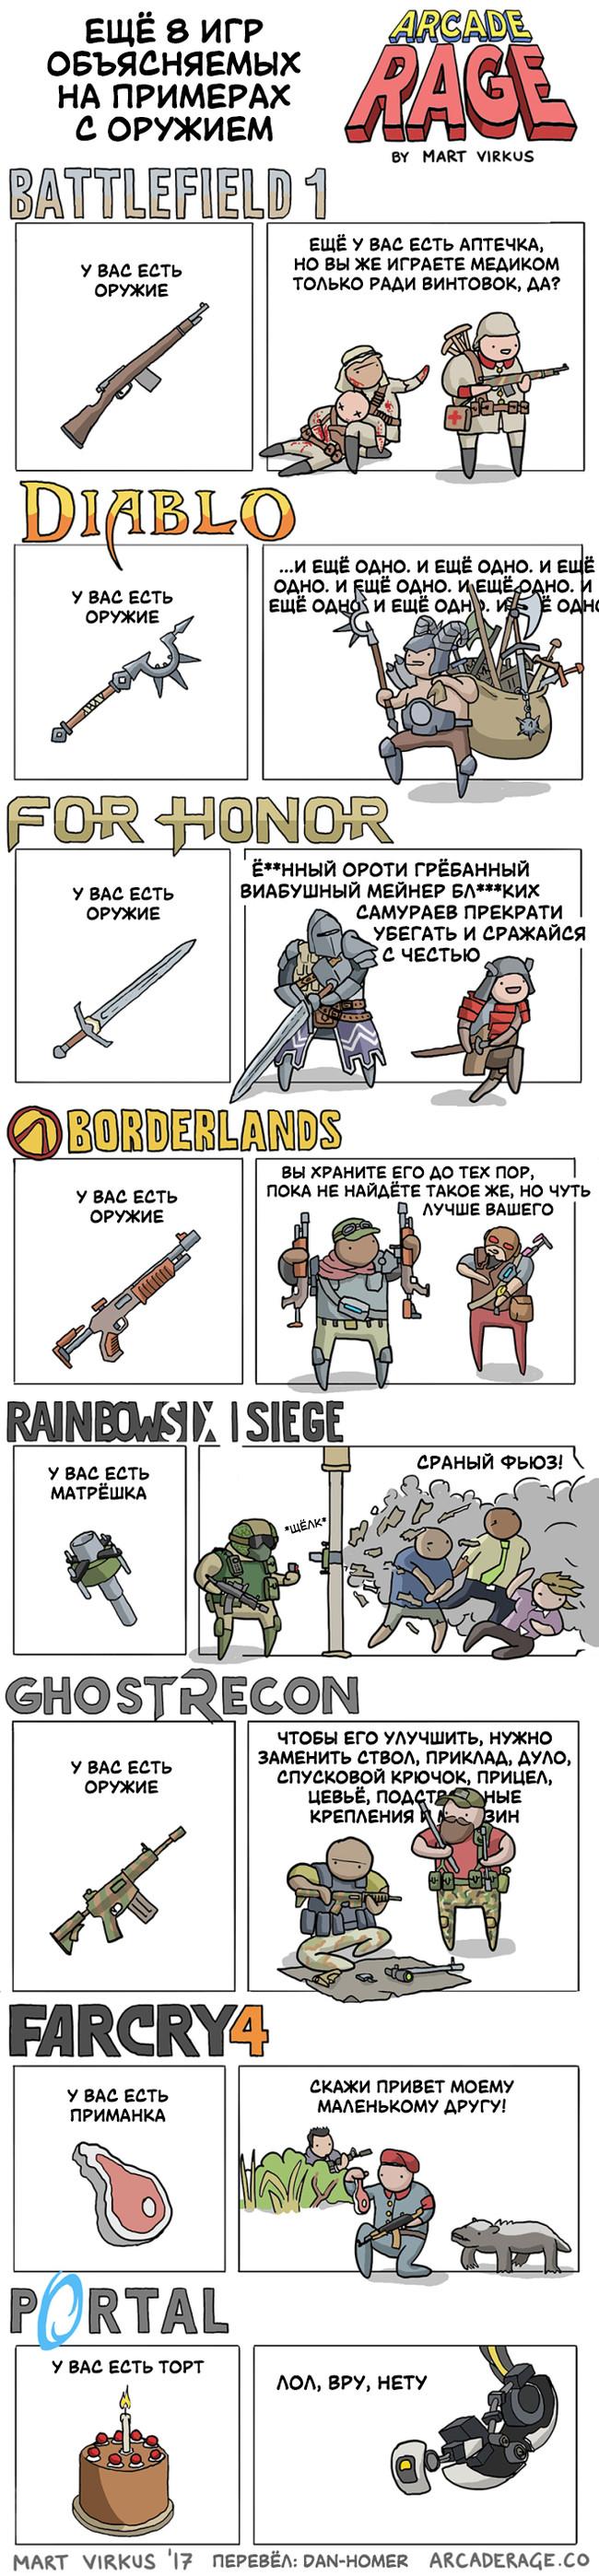 Ещё 8 игр oбъясняемых на примерах с оружием Arcade Rage, игры, оружие, комиксы, перевод, Dan-Homer, длиннопост